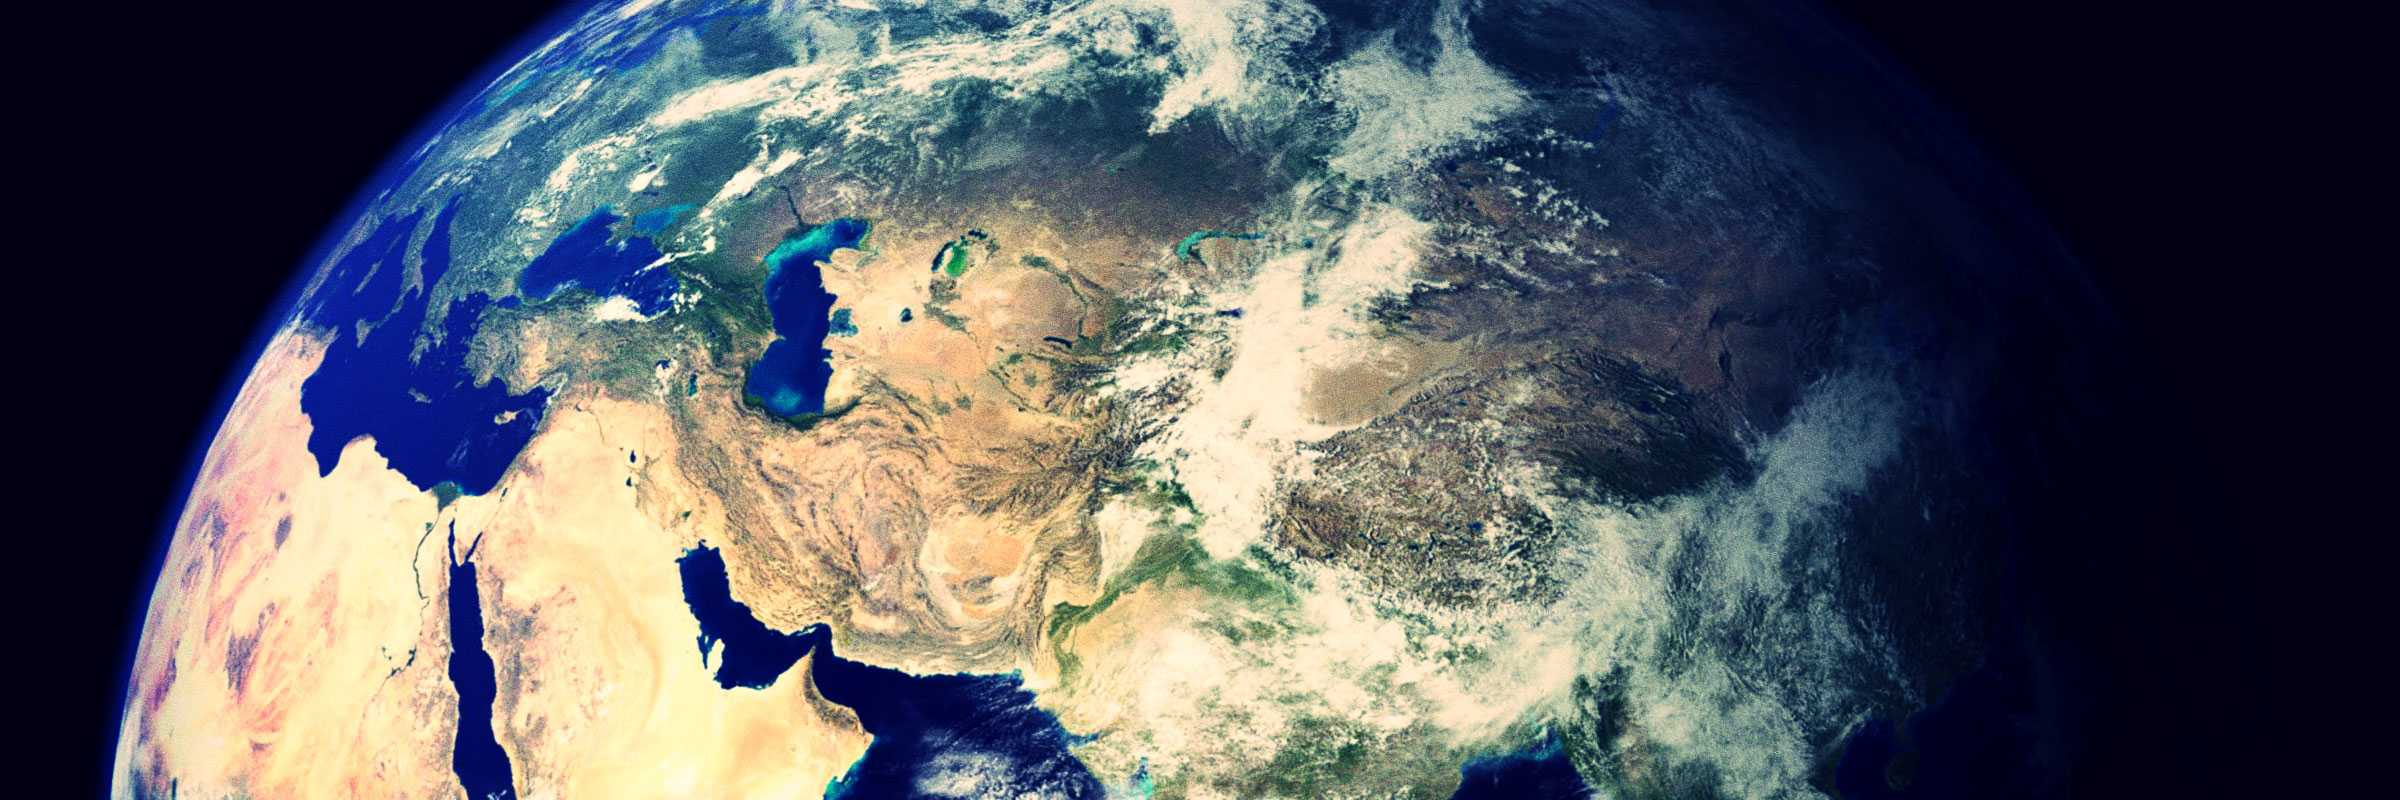 La Terra, vista dallo spazio. Un esempio di Overview Effect.